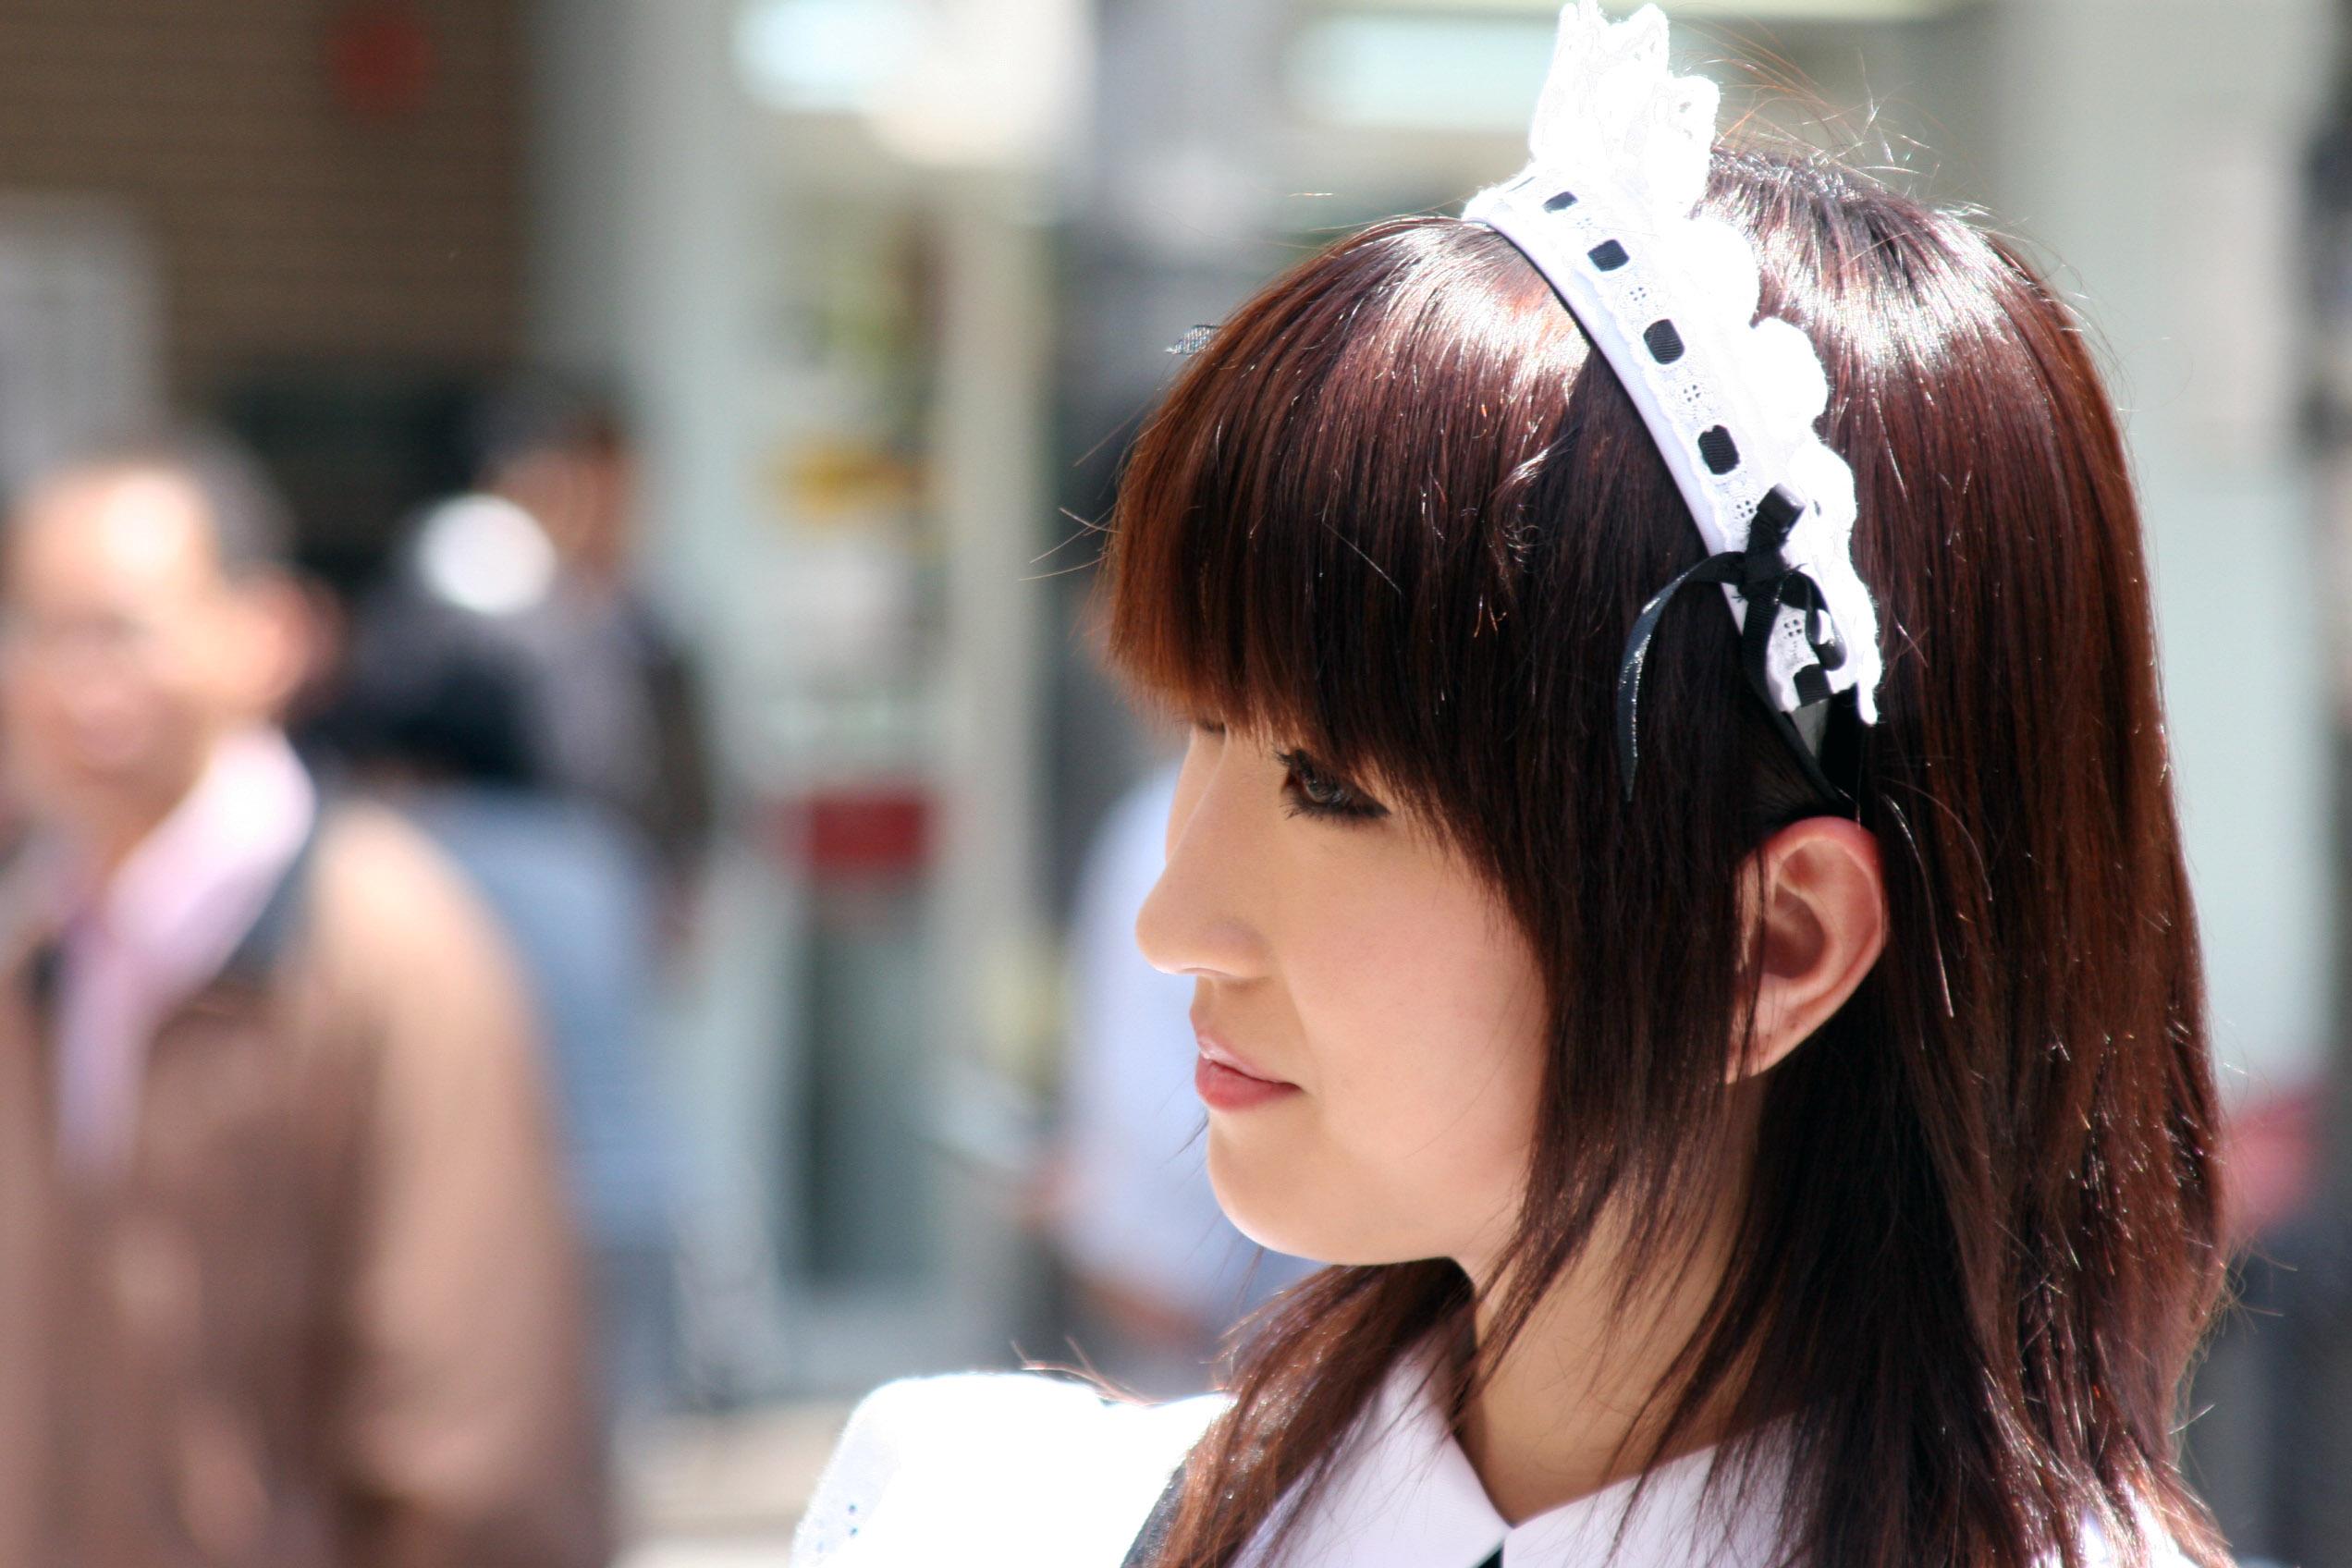 [Photos] Maid Girl. Maid_in_Japan